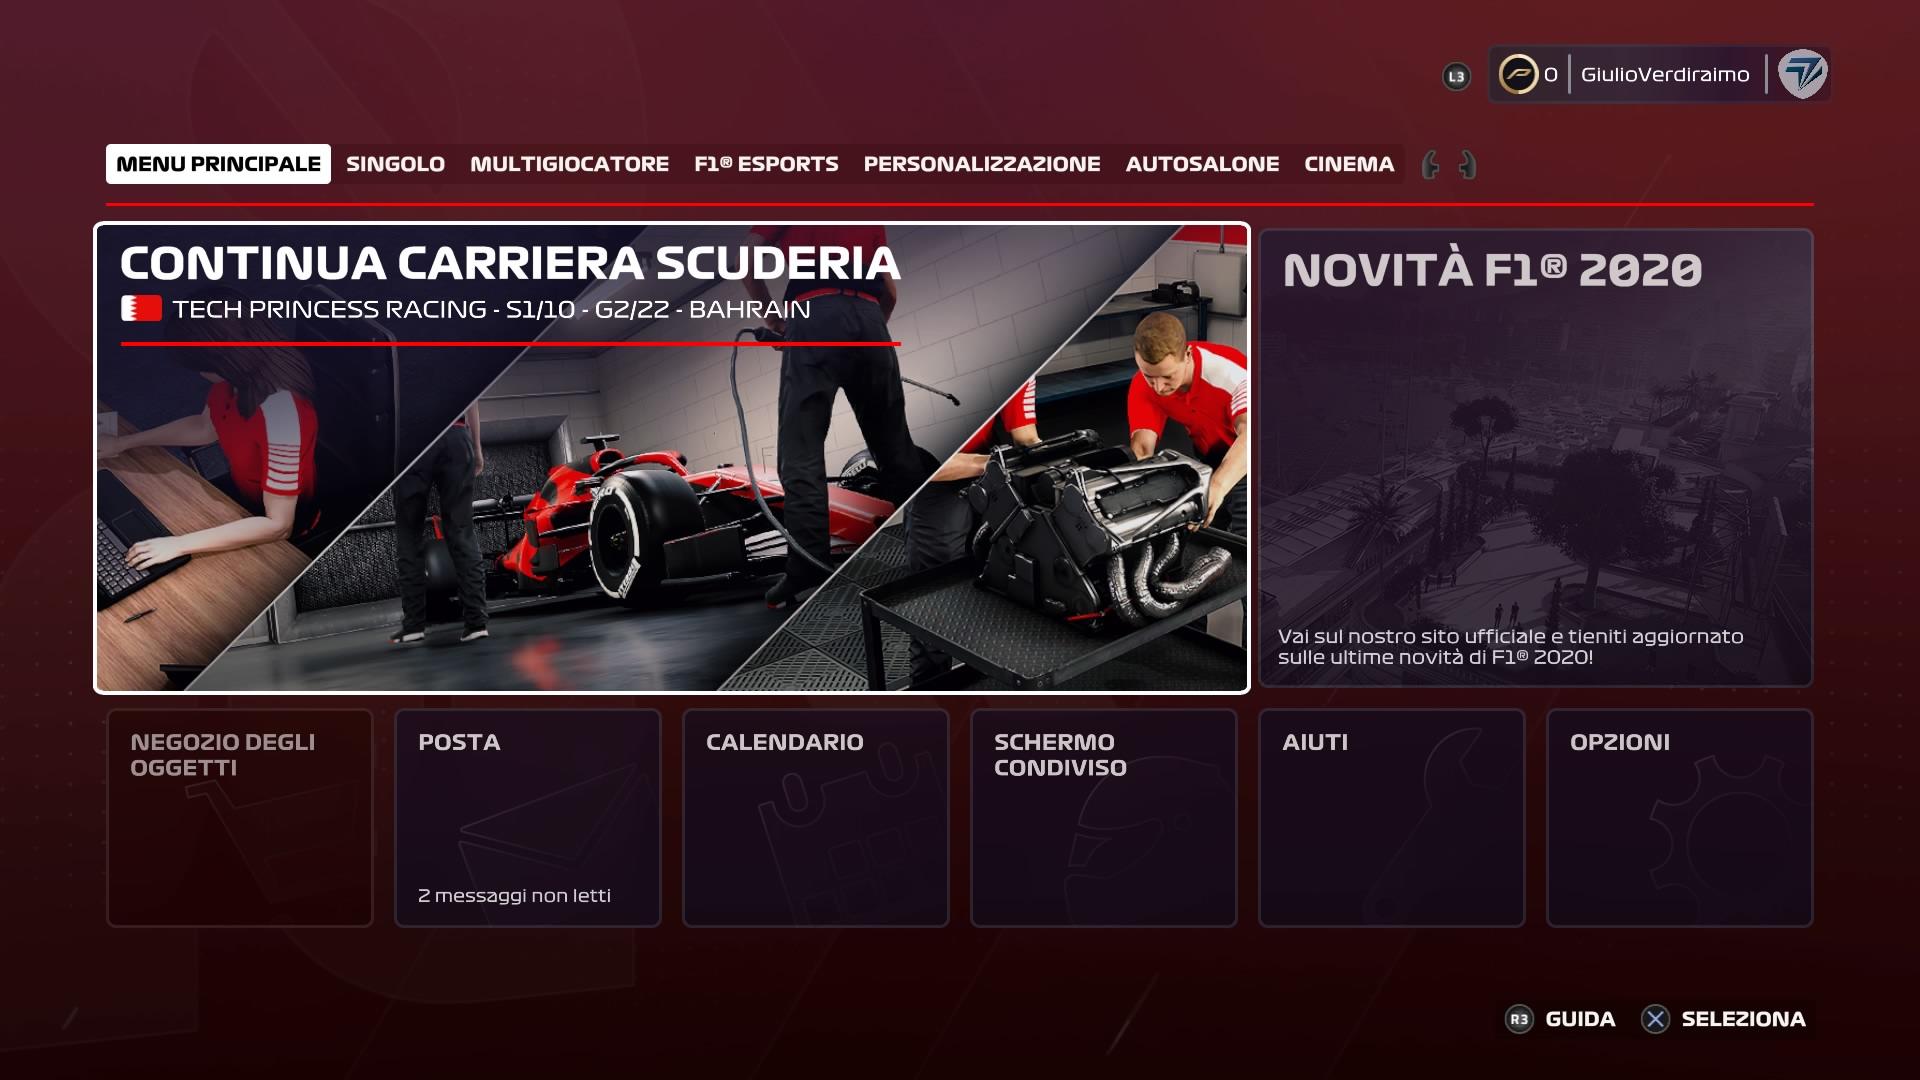 F1 2020 Carriera scuderia